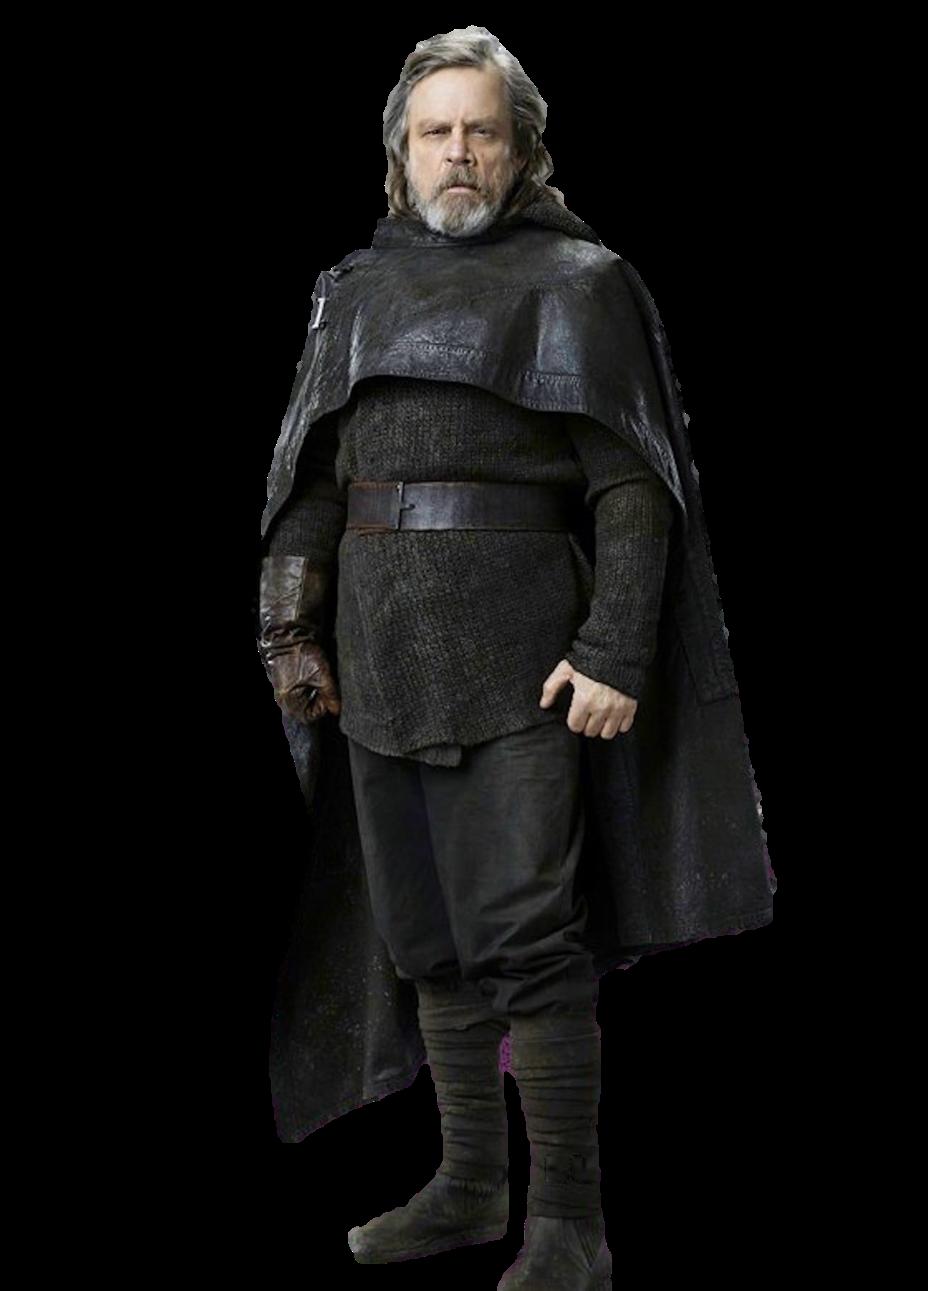 Last Jedi Wallpaper >> The Last Jedi Luke Skywalker (2) - PNG by Captain-Kingsman16 on DeviantArt